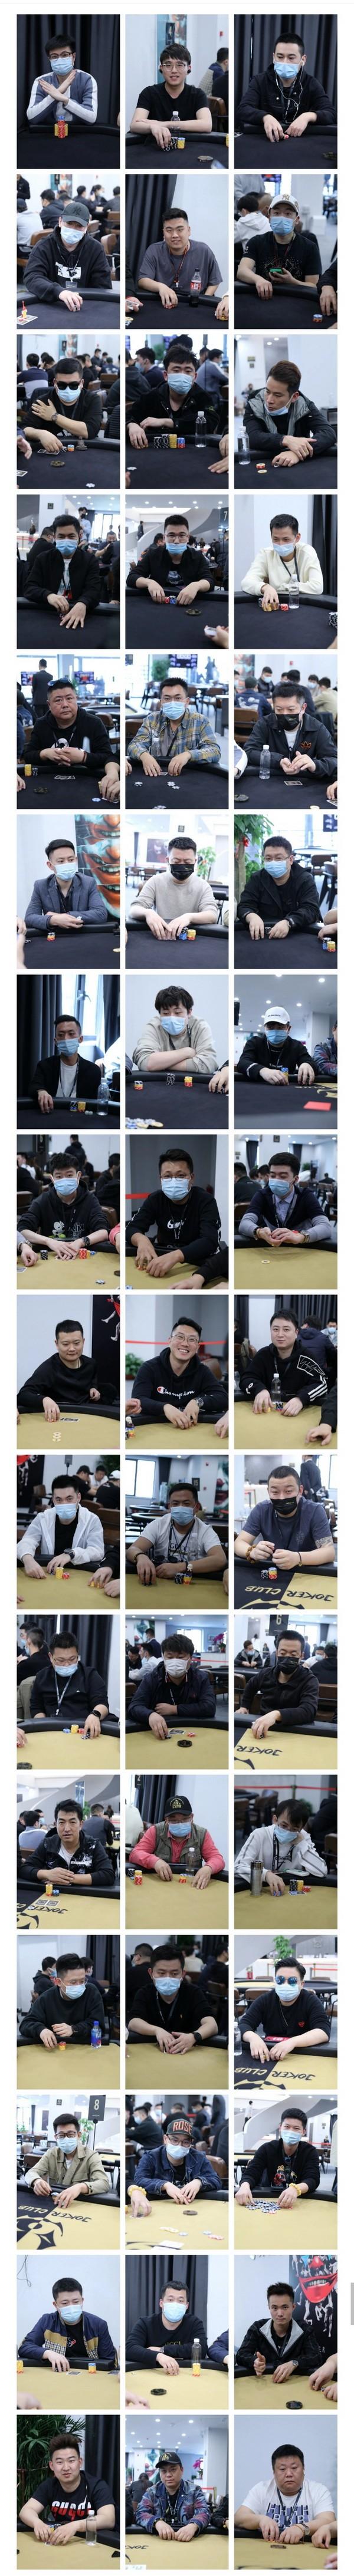 【蜗牛扑克】2021SCPT泉城杯 | 主赛轻松破保!共115人晋级下一轮!